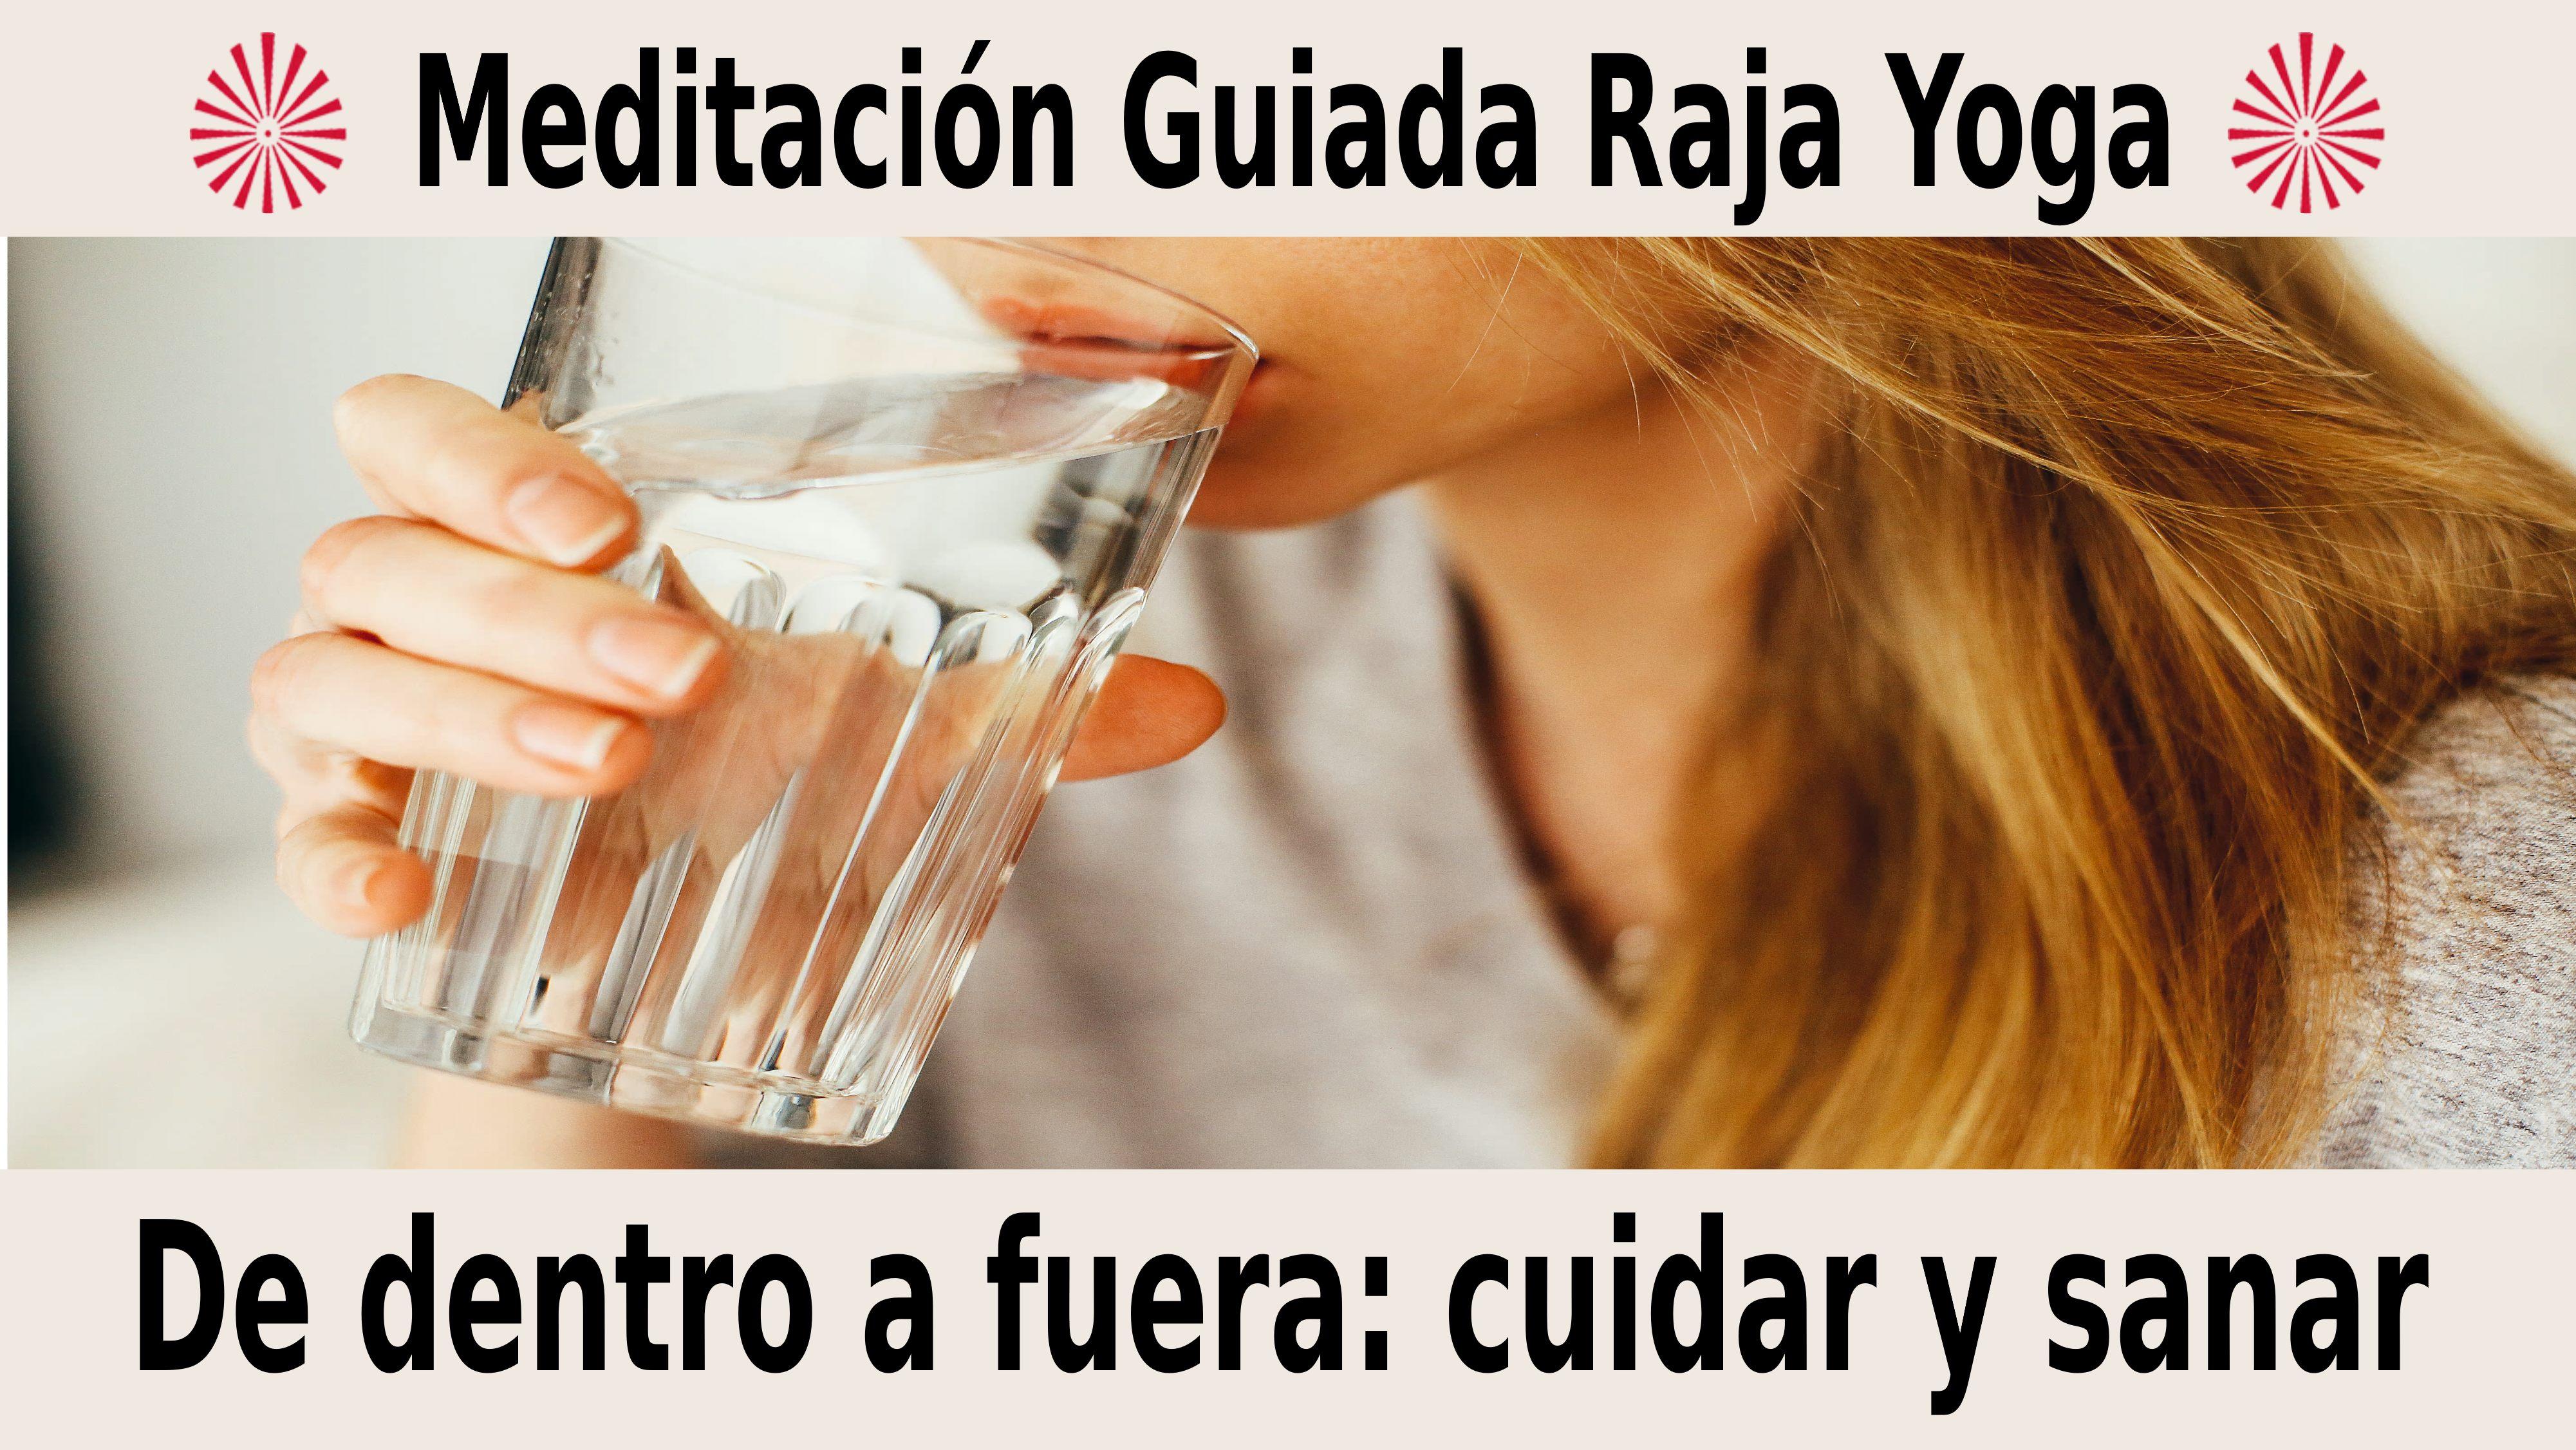 6 Noviembre 2020  Meditación guiada: De dentro a fuera cuidar y sanar